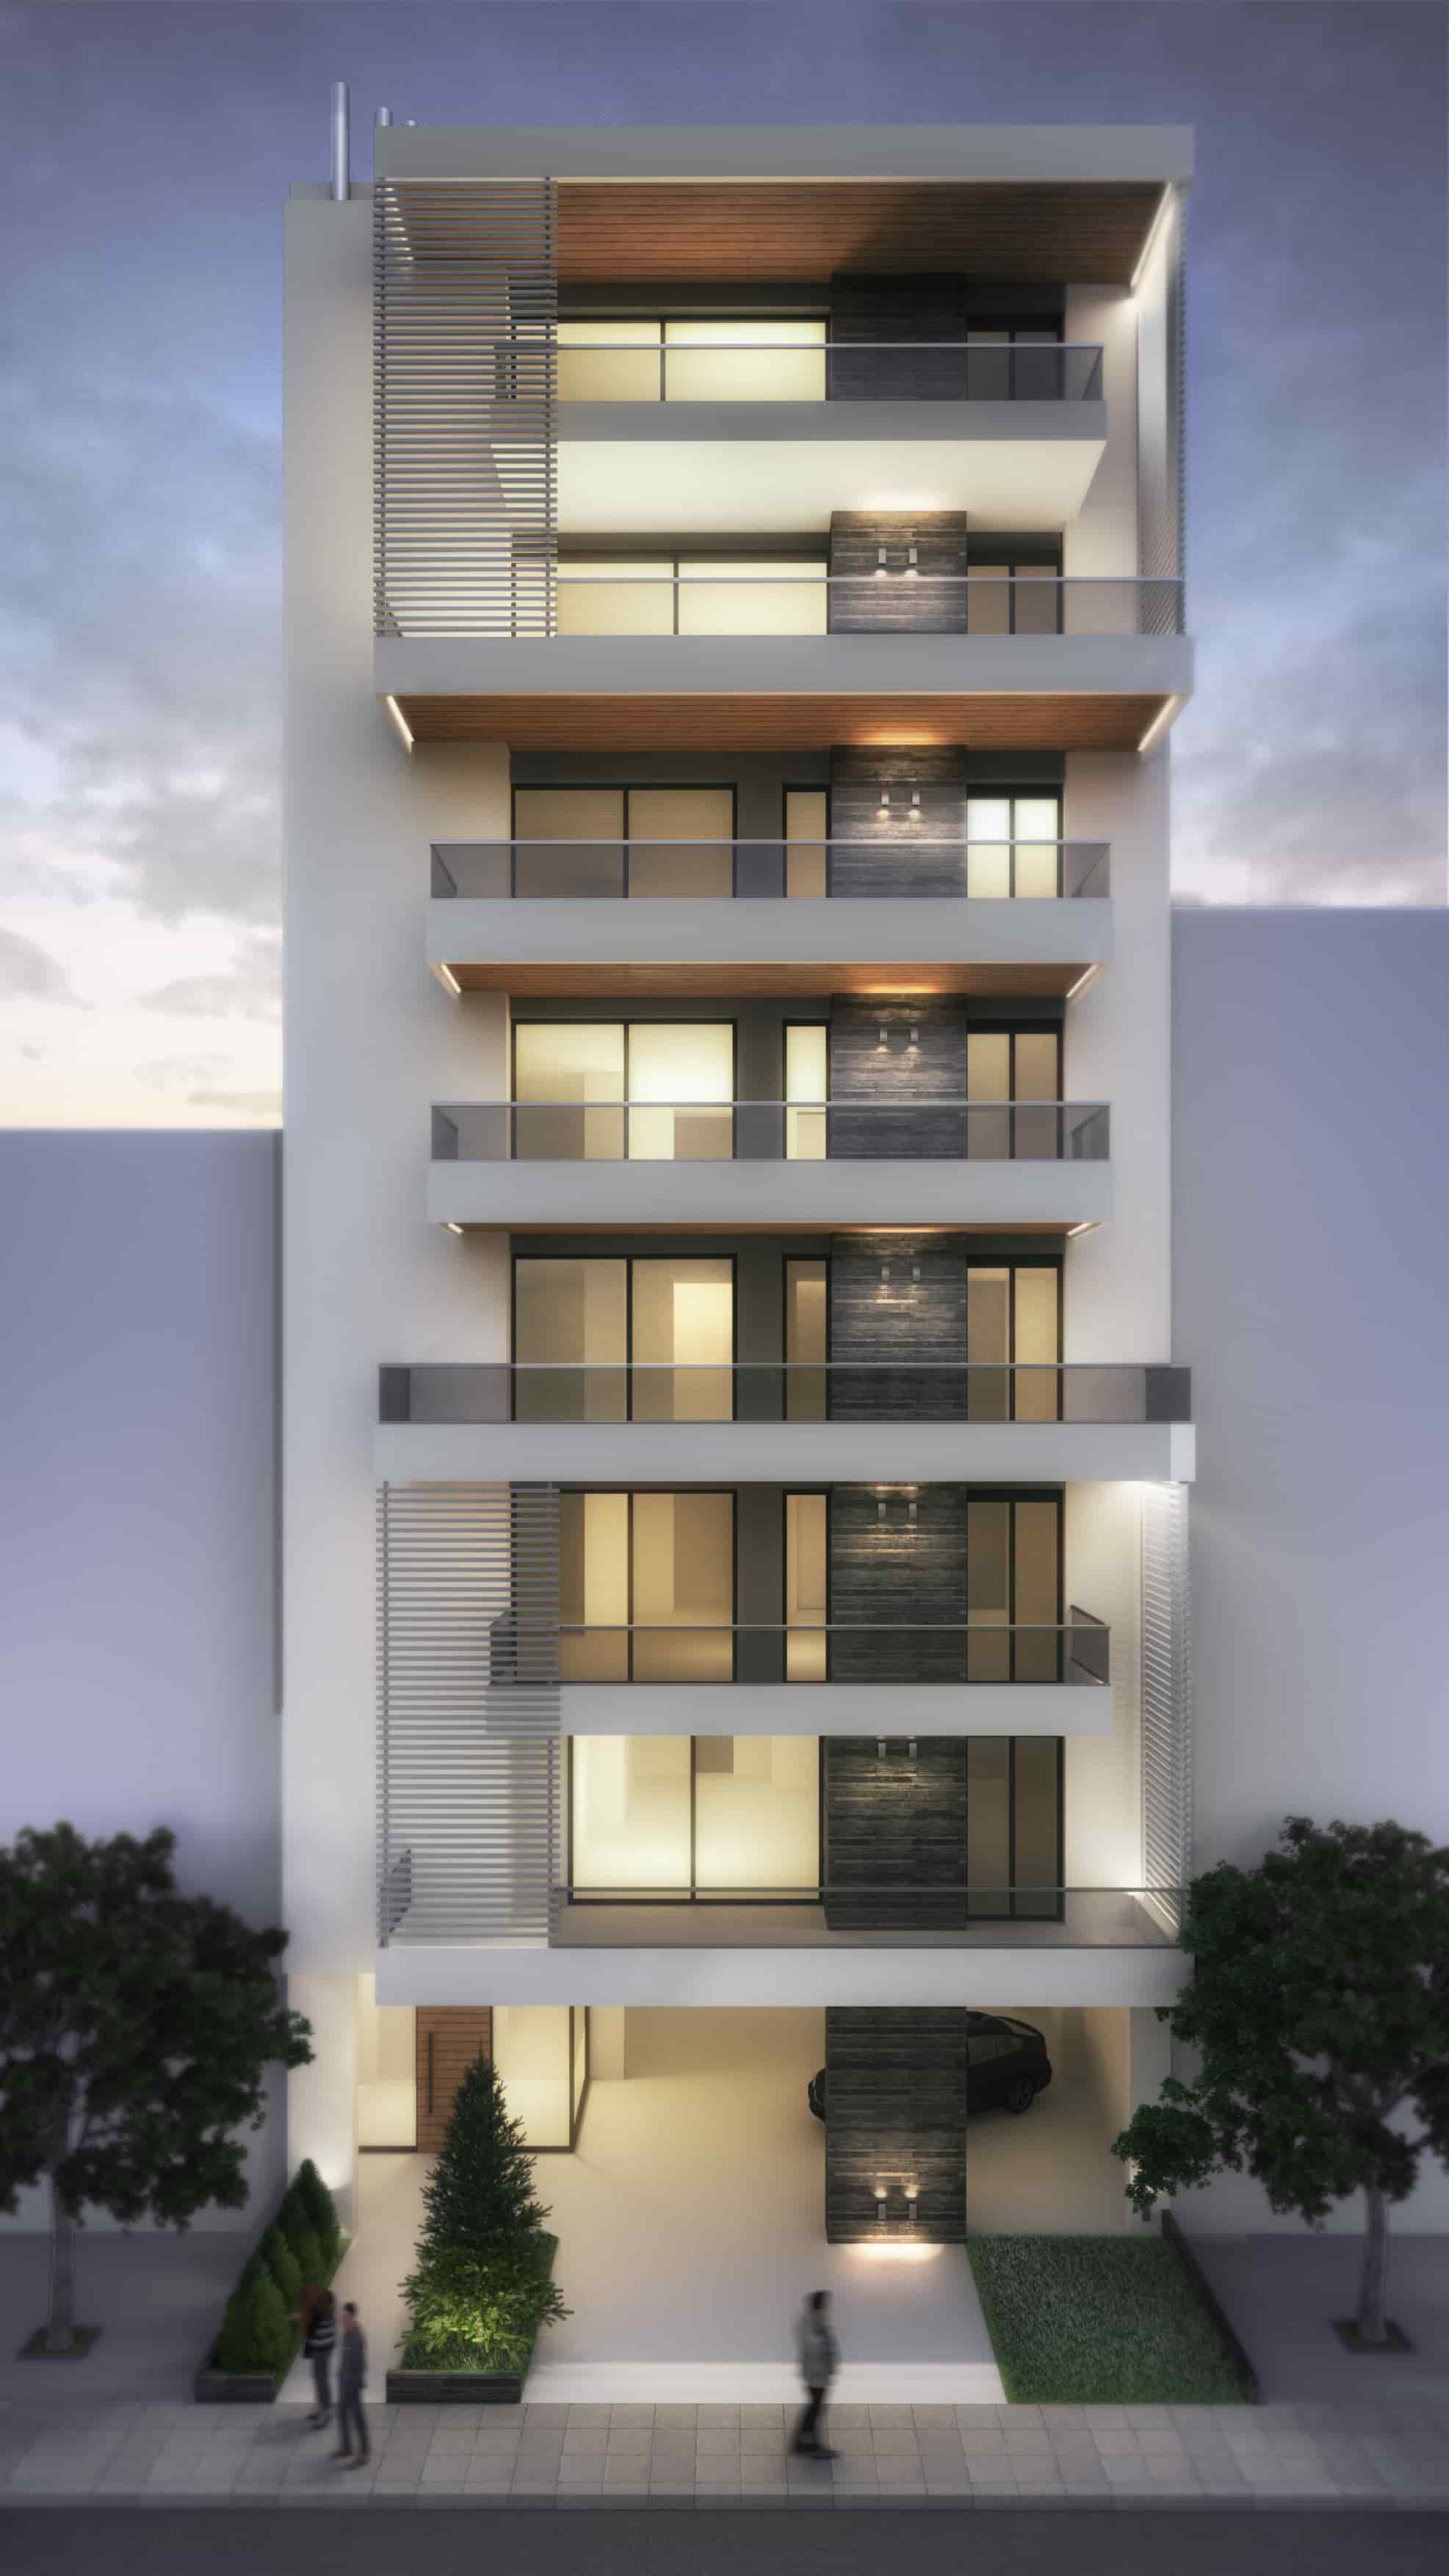 Κάτω Τούμπα | Ναυπλίου | Διαμέρισμα | 127 τ.μ. | 5ος όροφος | ΠΟΥΛΗΘΗΚΕ